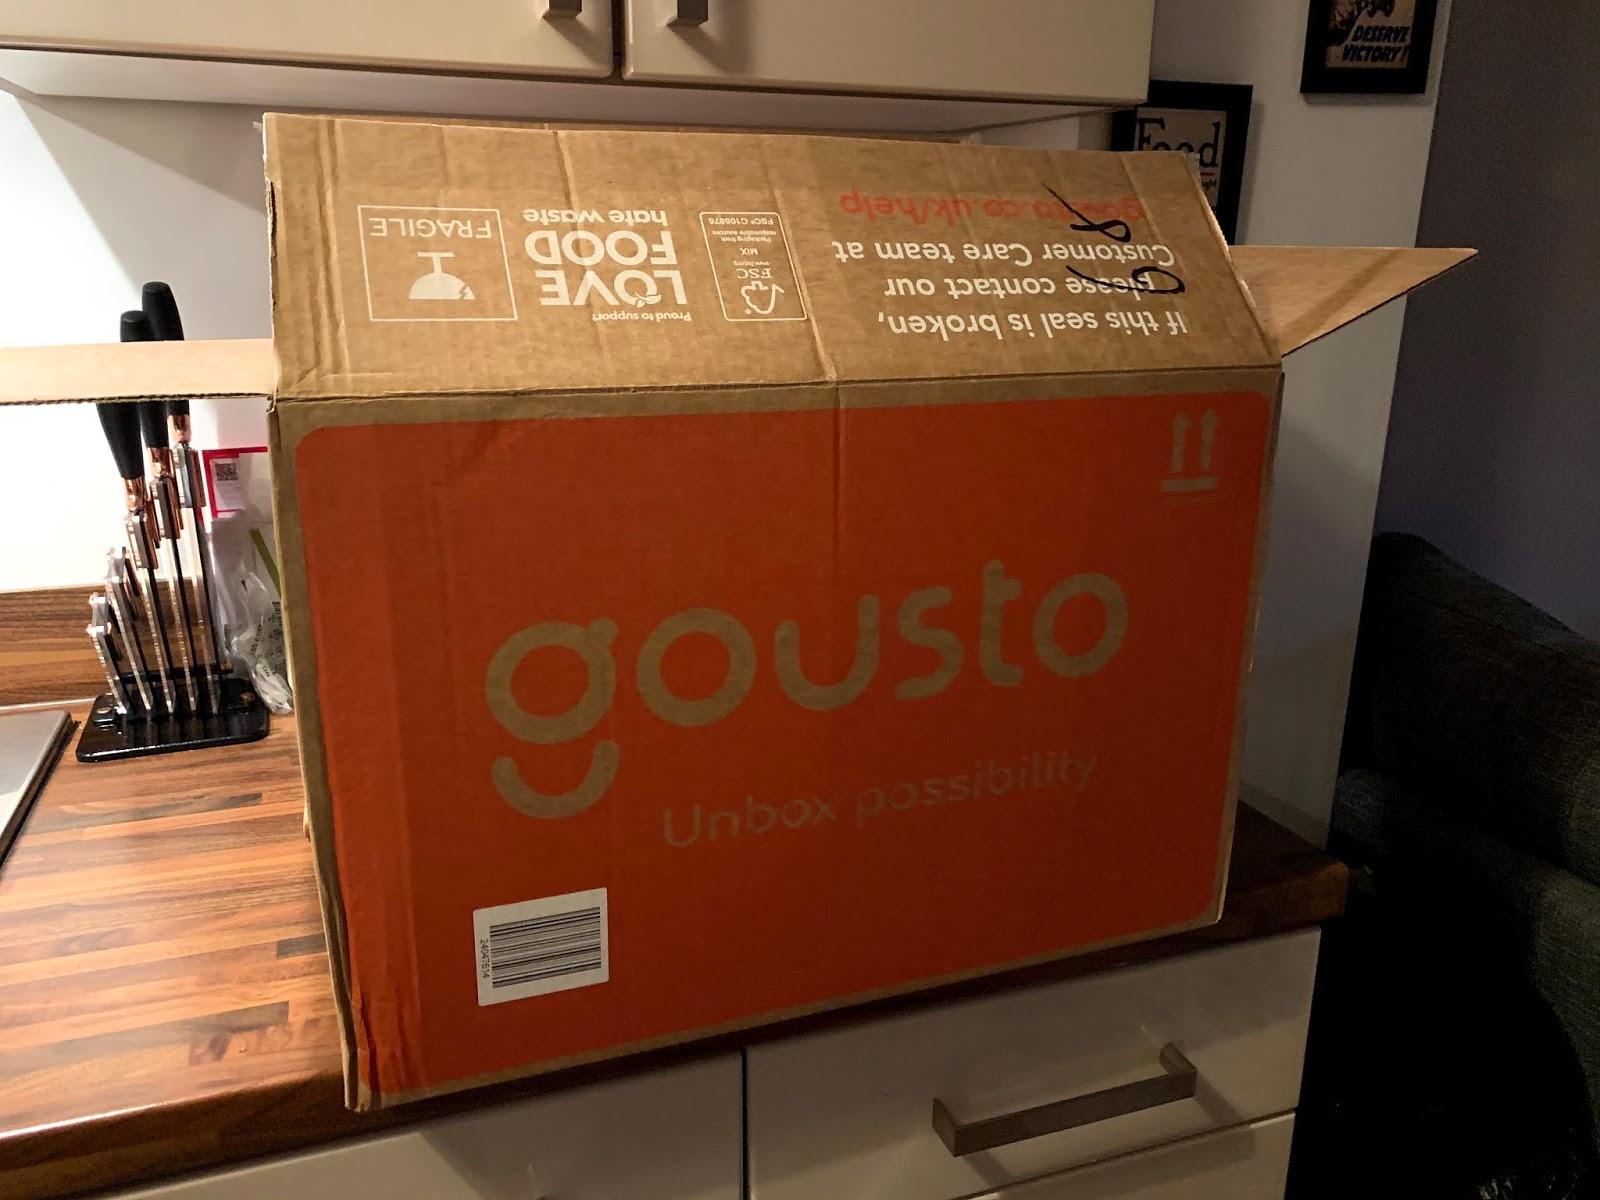 gousto-box